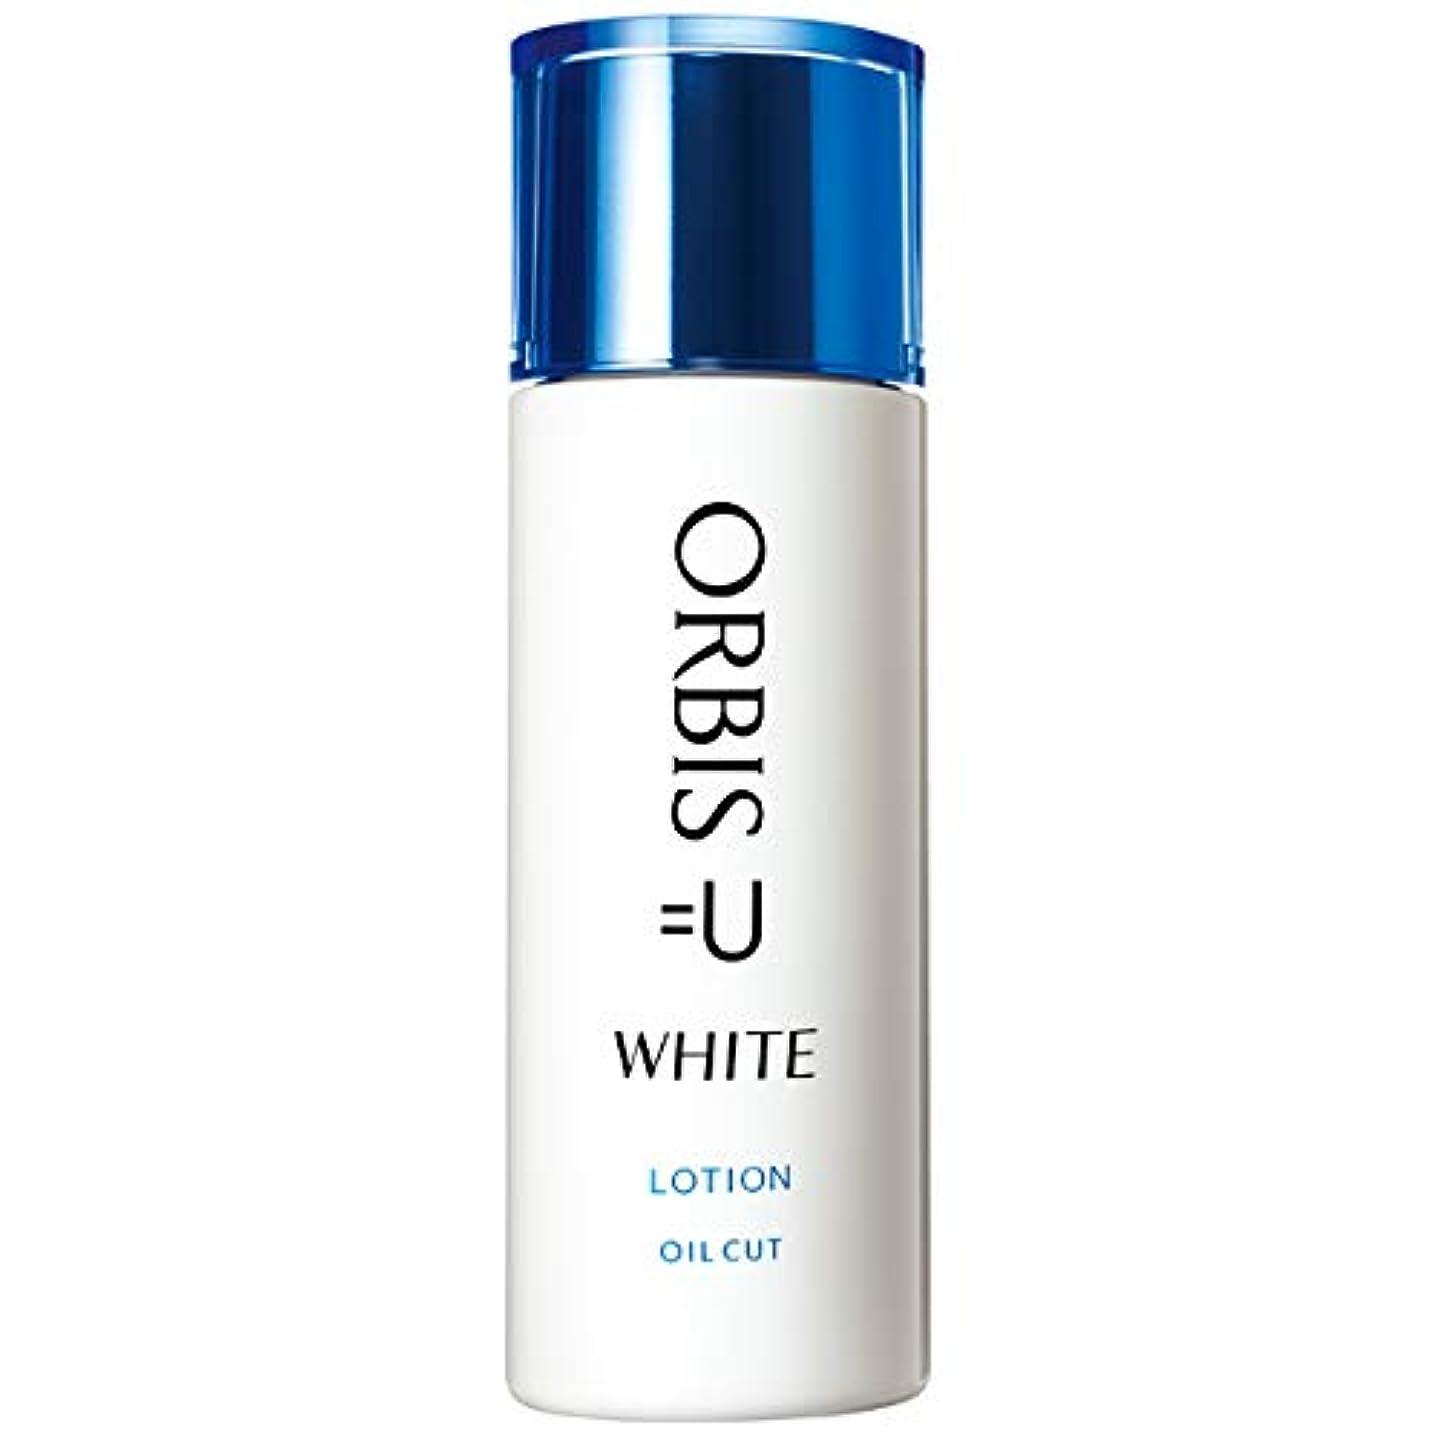 職人放棄する障害者オルビス(ORBIS) オルビスユー ホワイト ローション 180mL 化粧水 [医薬部外品]